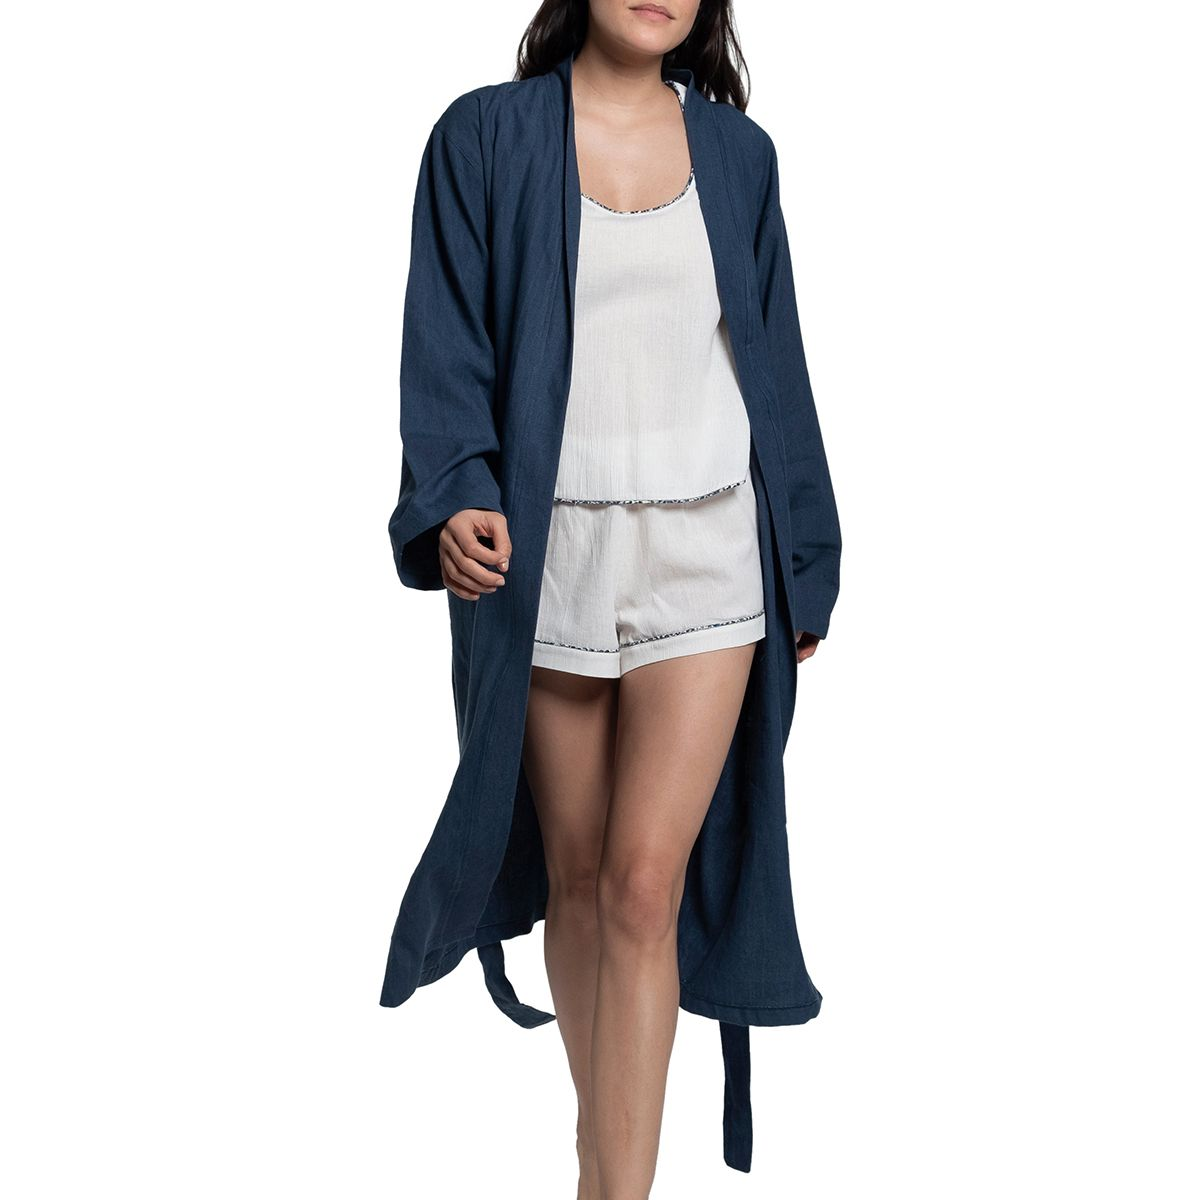 Pyjama Set Ecru - with pipping